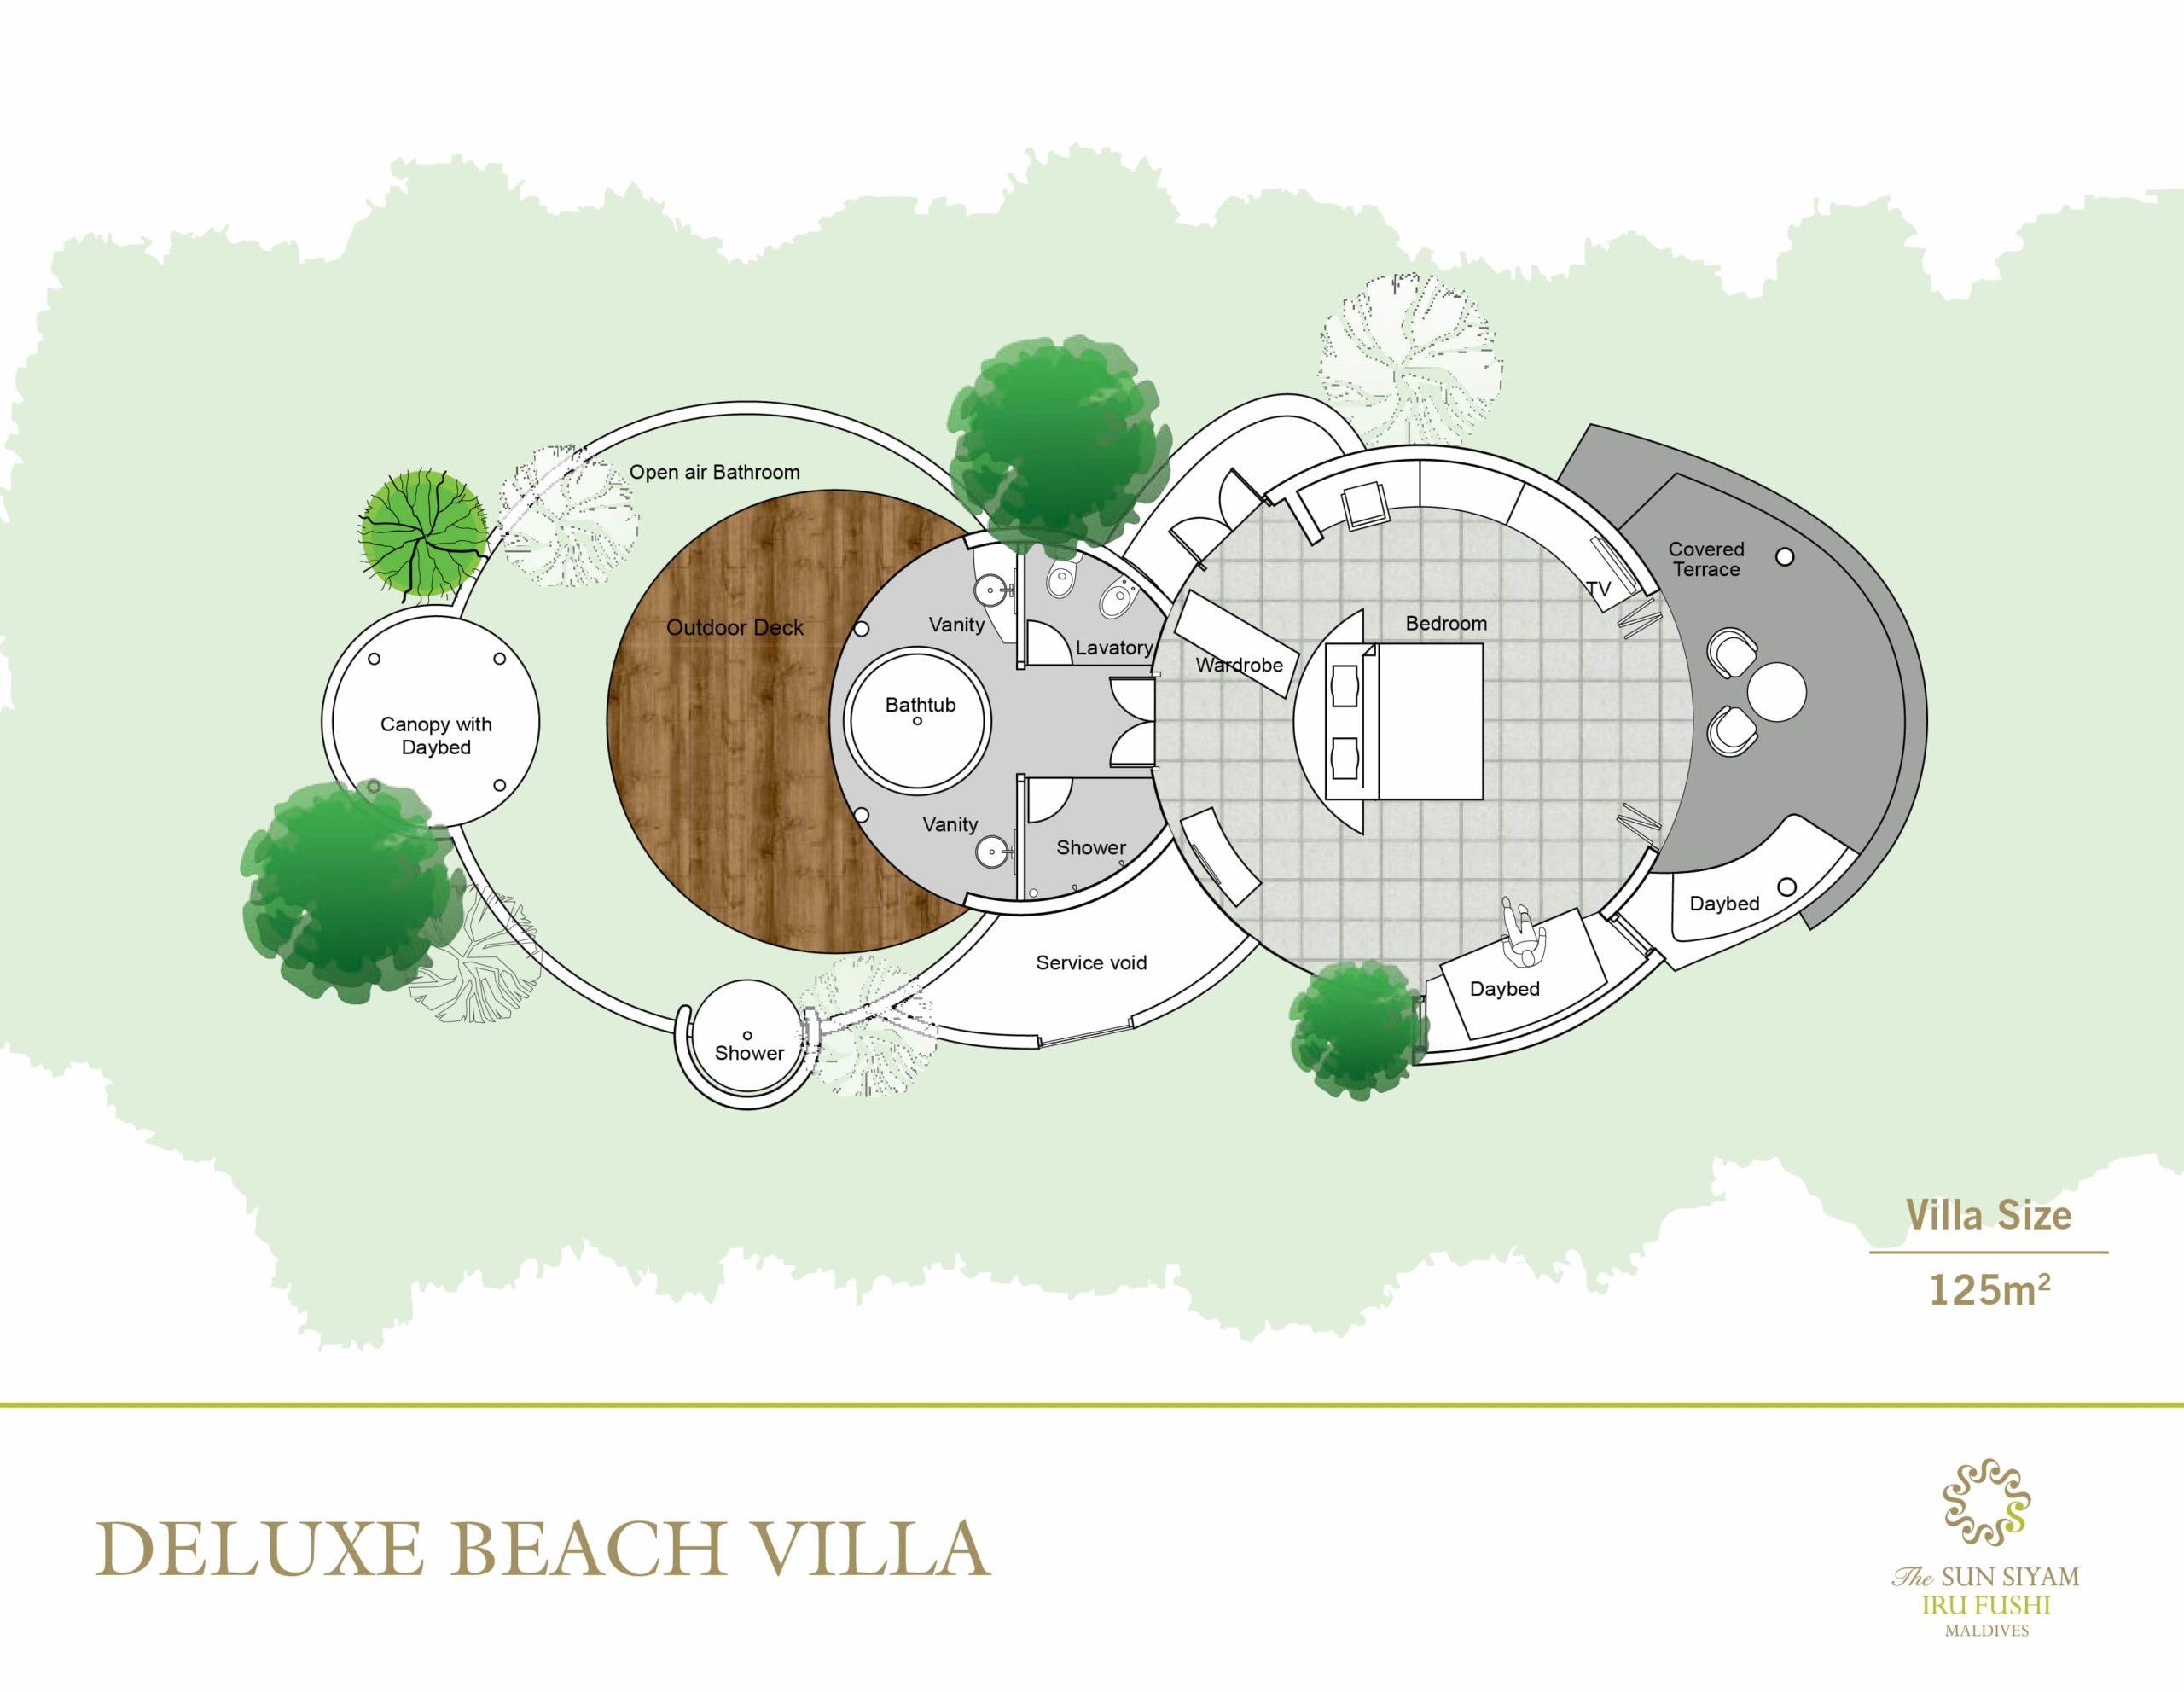 Мальдивы, отель Sun Siyam Iru Fushi, план-схема номера Deluxe Beach Villa